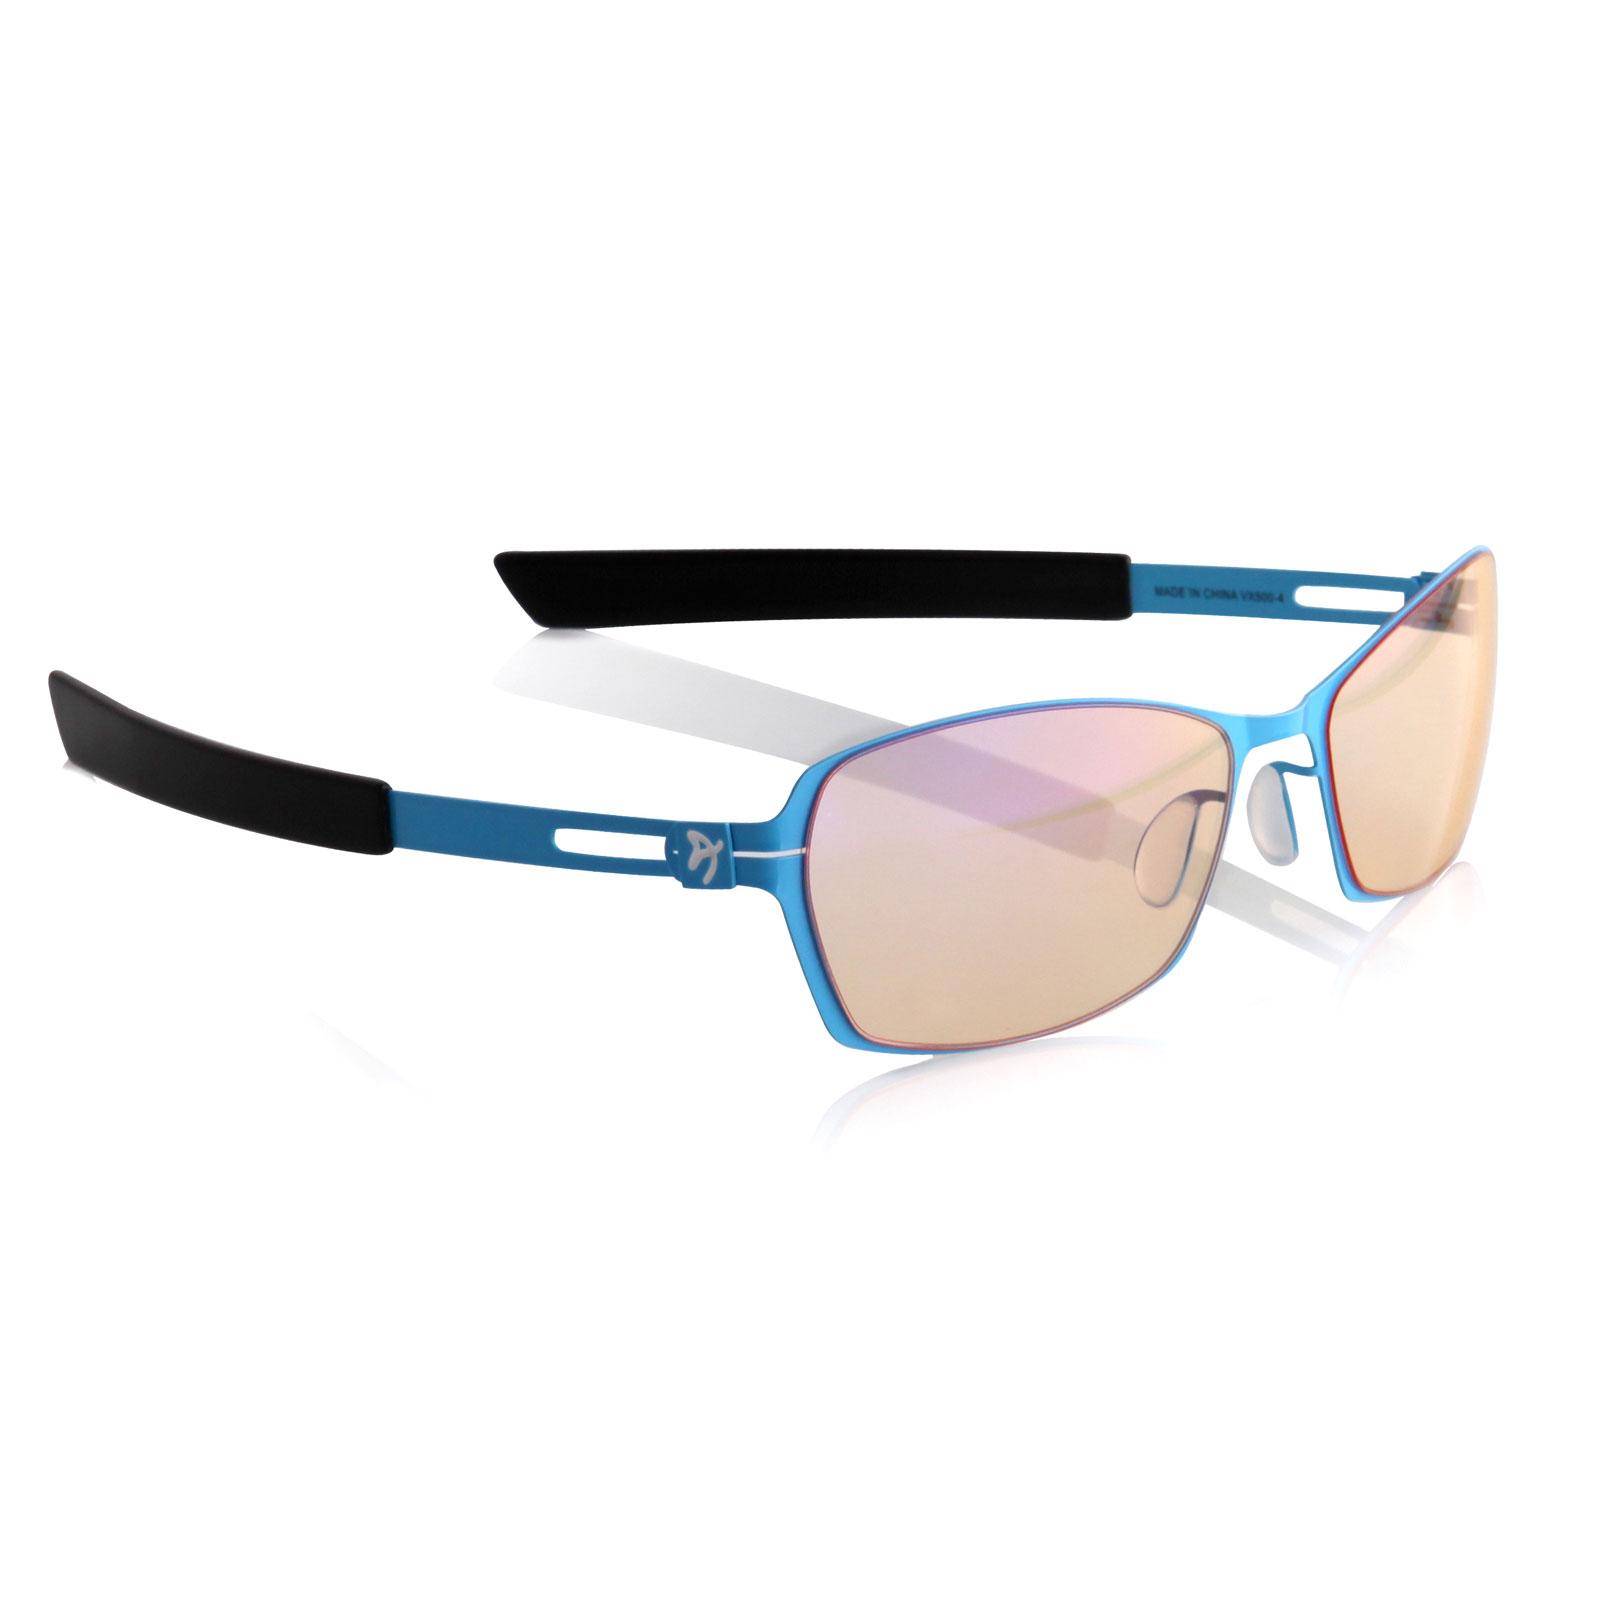 Arozzi Visione VX-500 (Bleu) Lunettes de confort oculaire pour le jeu vidéo fce6d28deed2